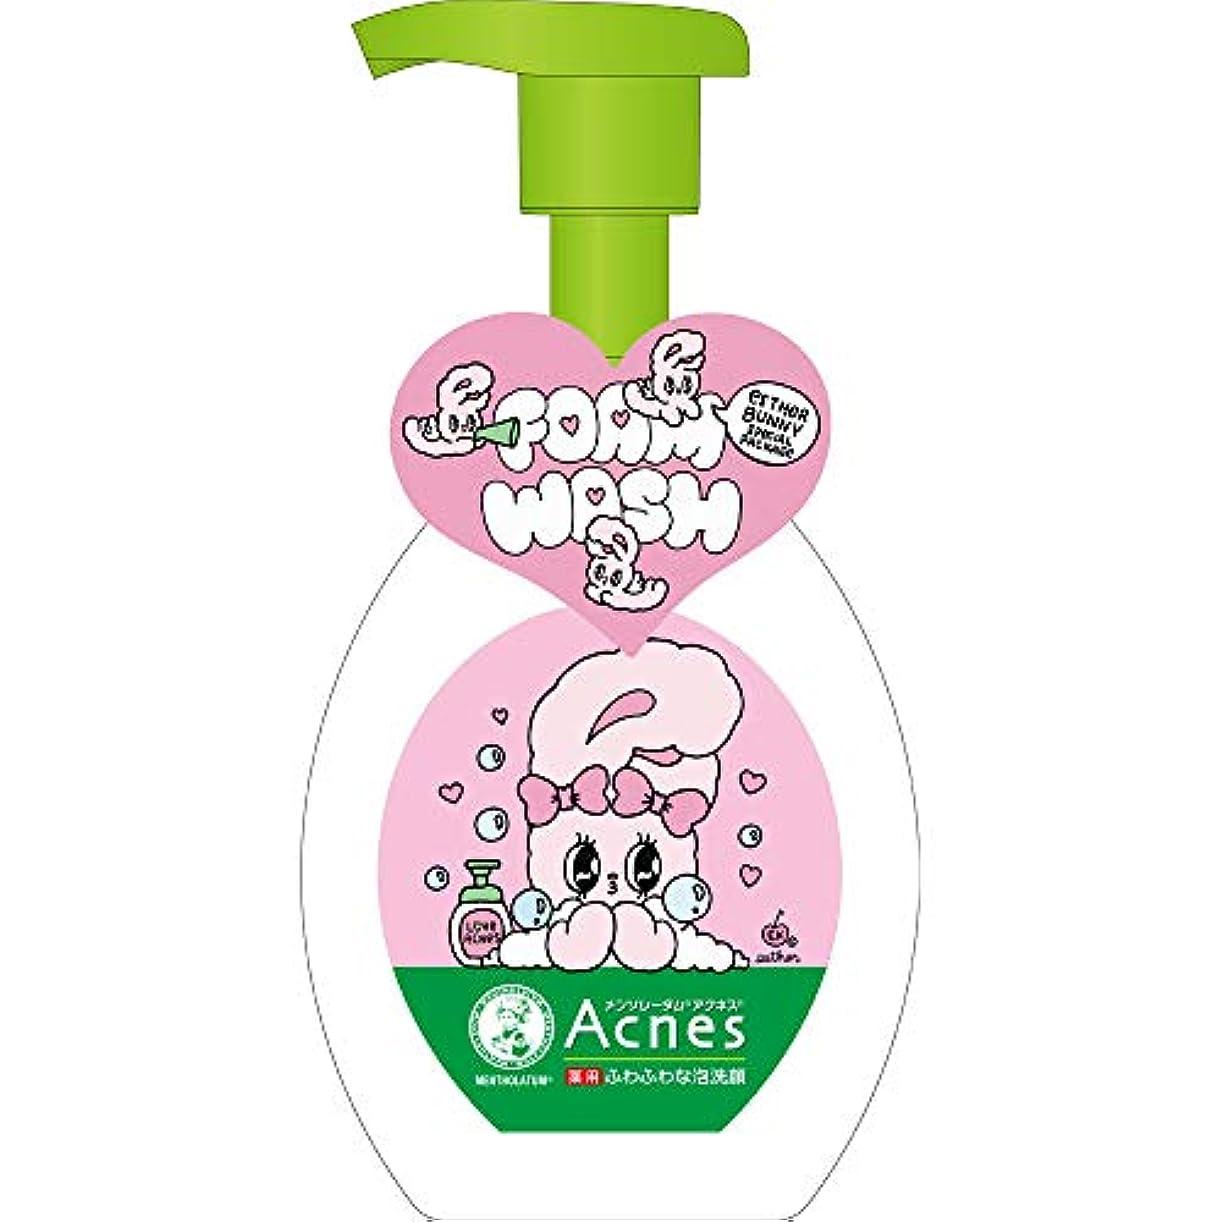 ショルダースクリューコークスメンソレータム アクネス 薬用ふわふわな泡洗顔 エスターバニー企画品